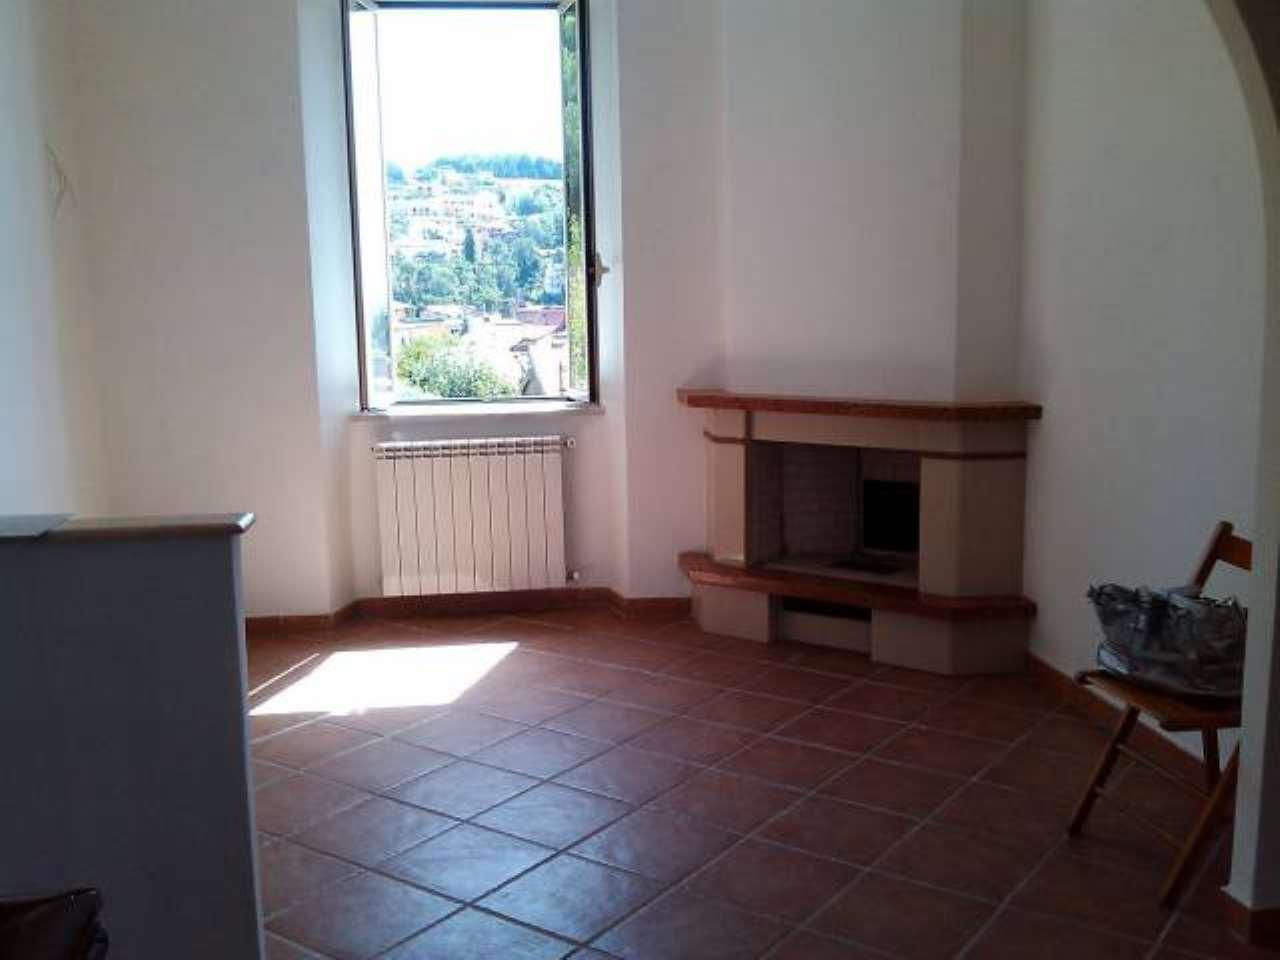 Appartamento in vendita a Fiuggi, 2 locali, prezzo € 49.000   CambioCasa.it